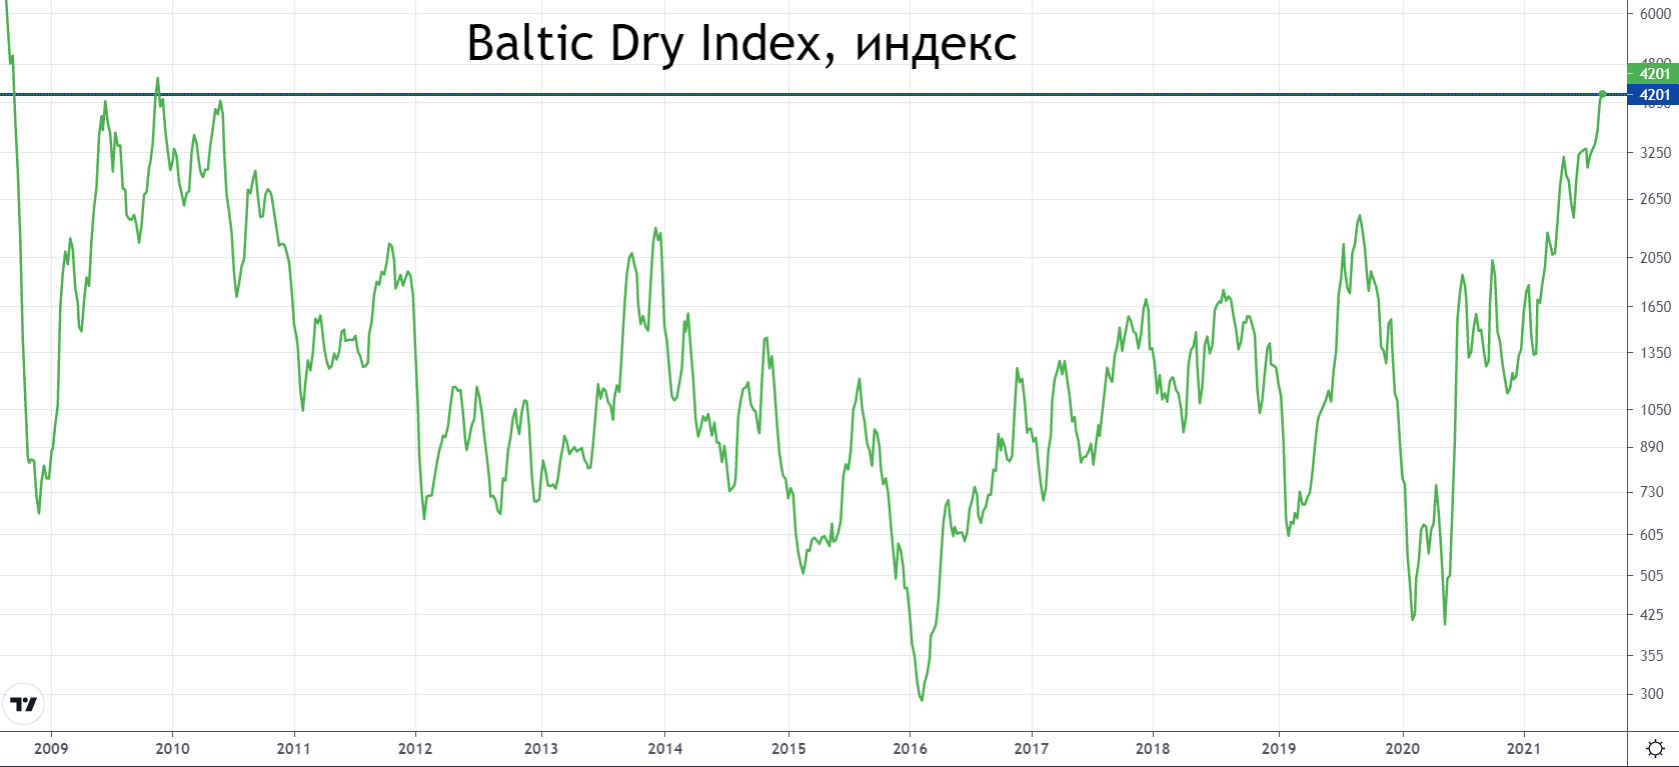 Поднять паруса: индекс Baltic Dry обновляет 11-летние максимумы